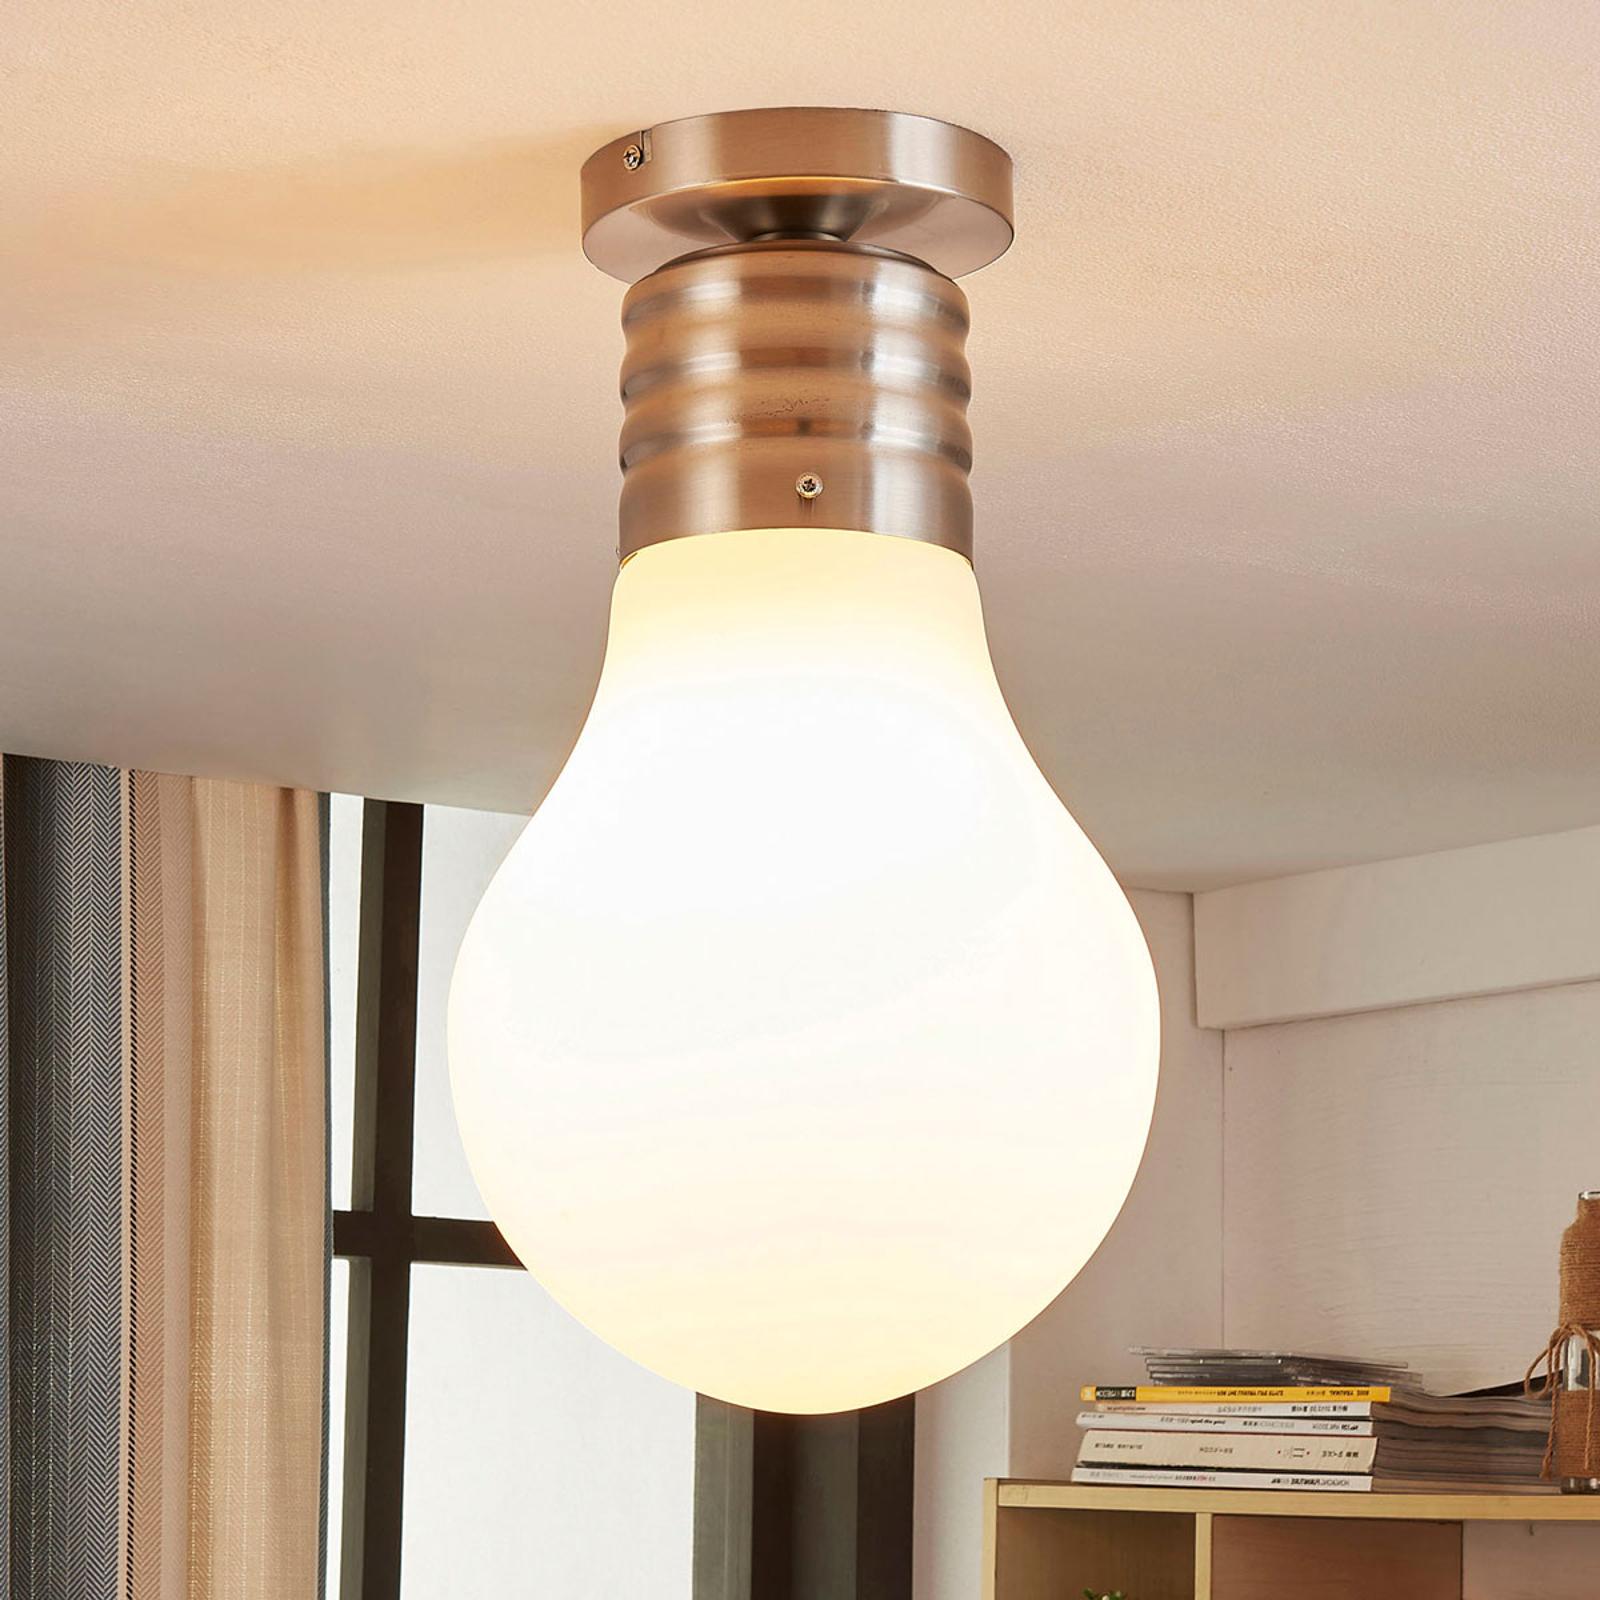 LED-taklampe Bado med glødepæreform, easydim